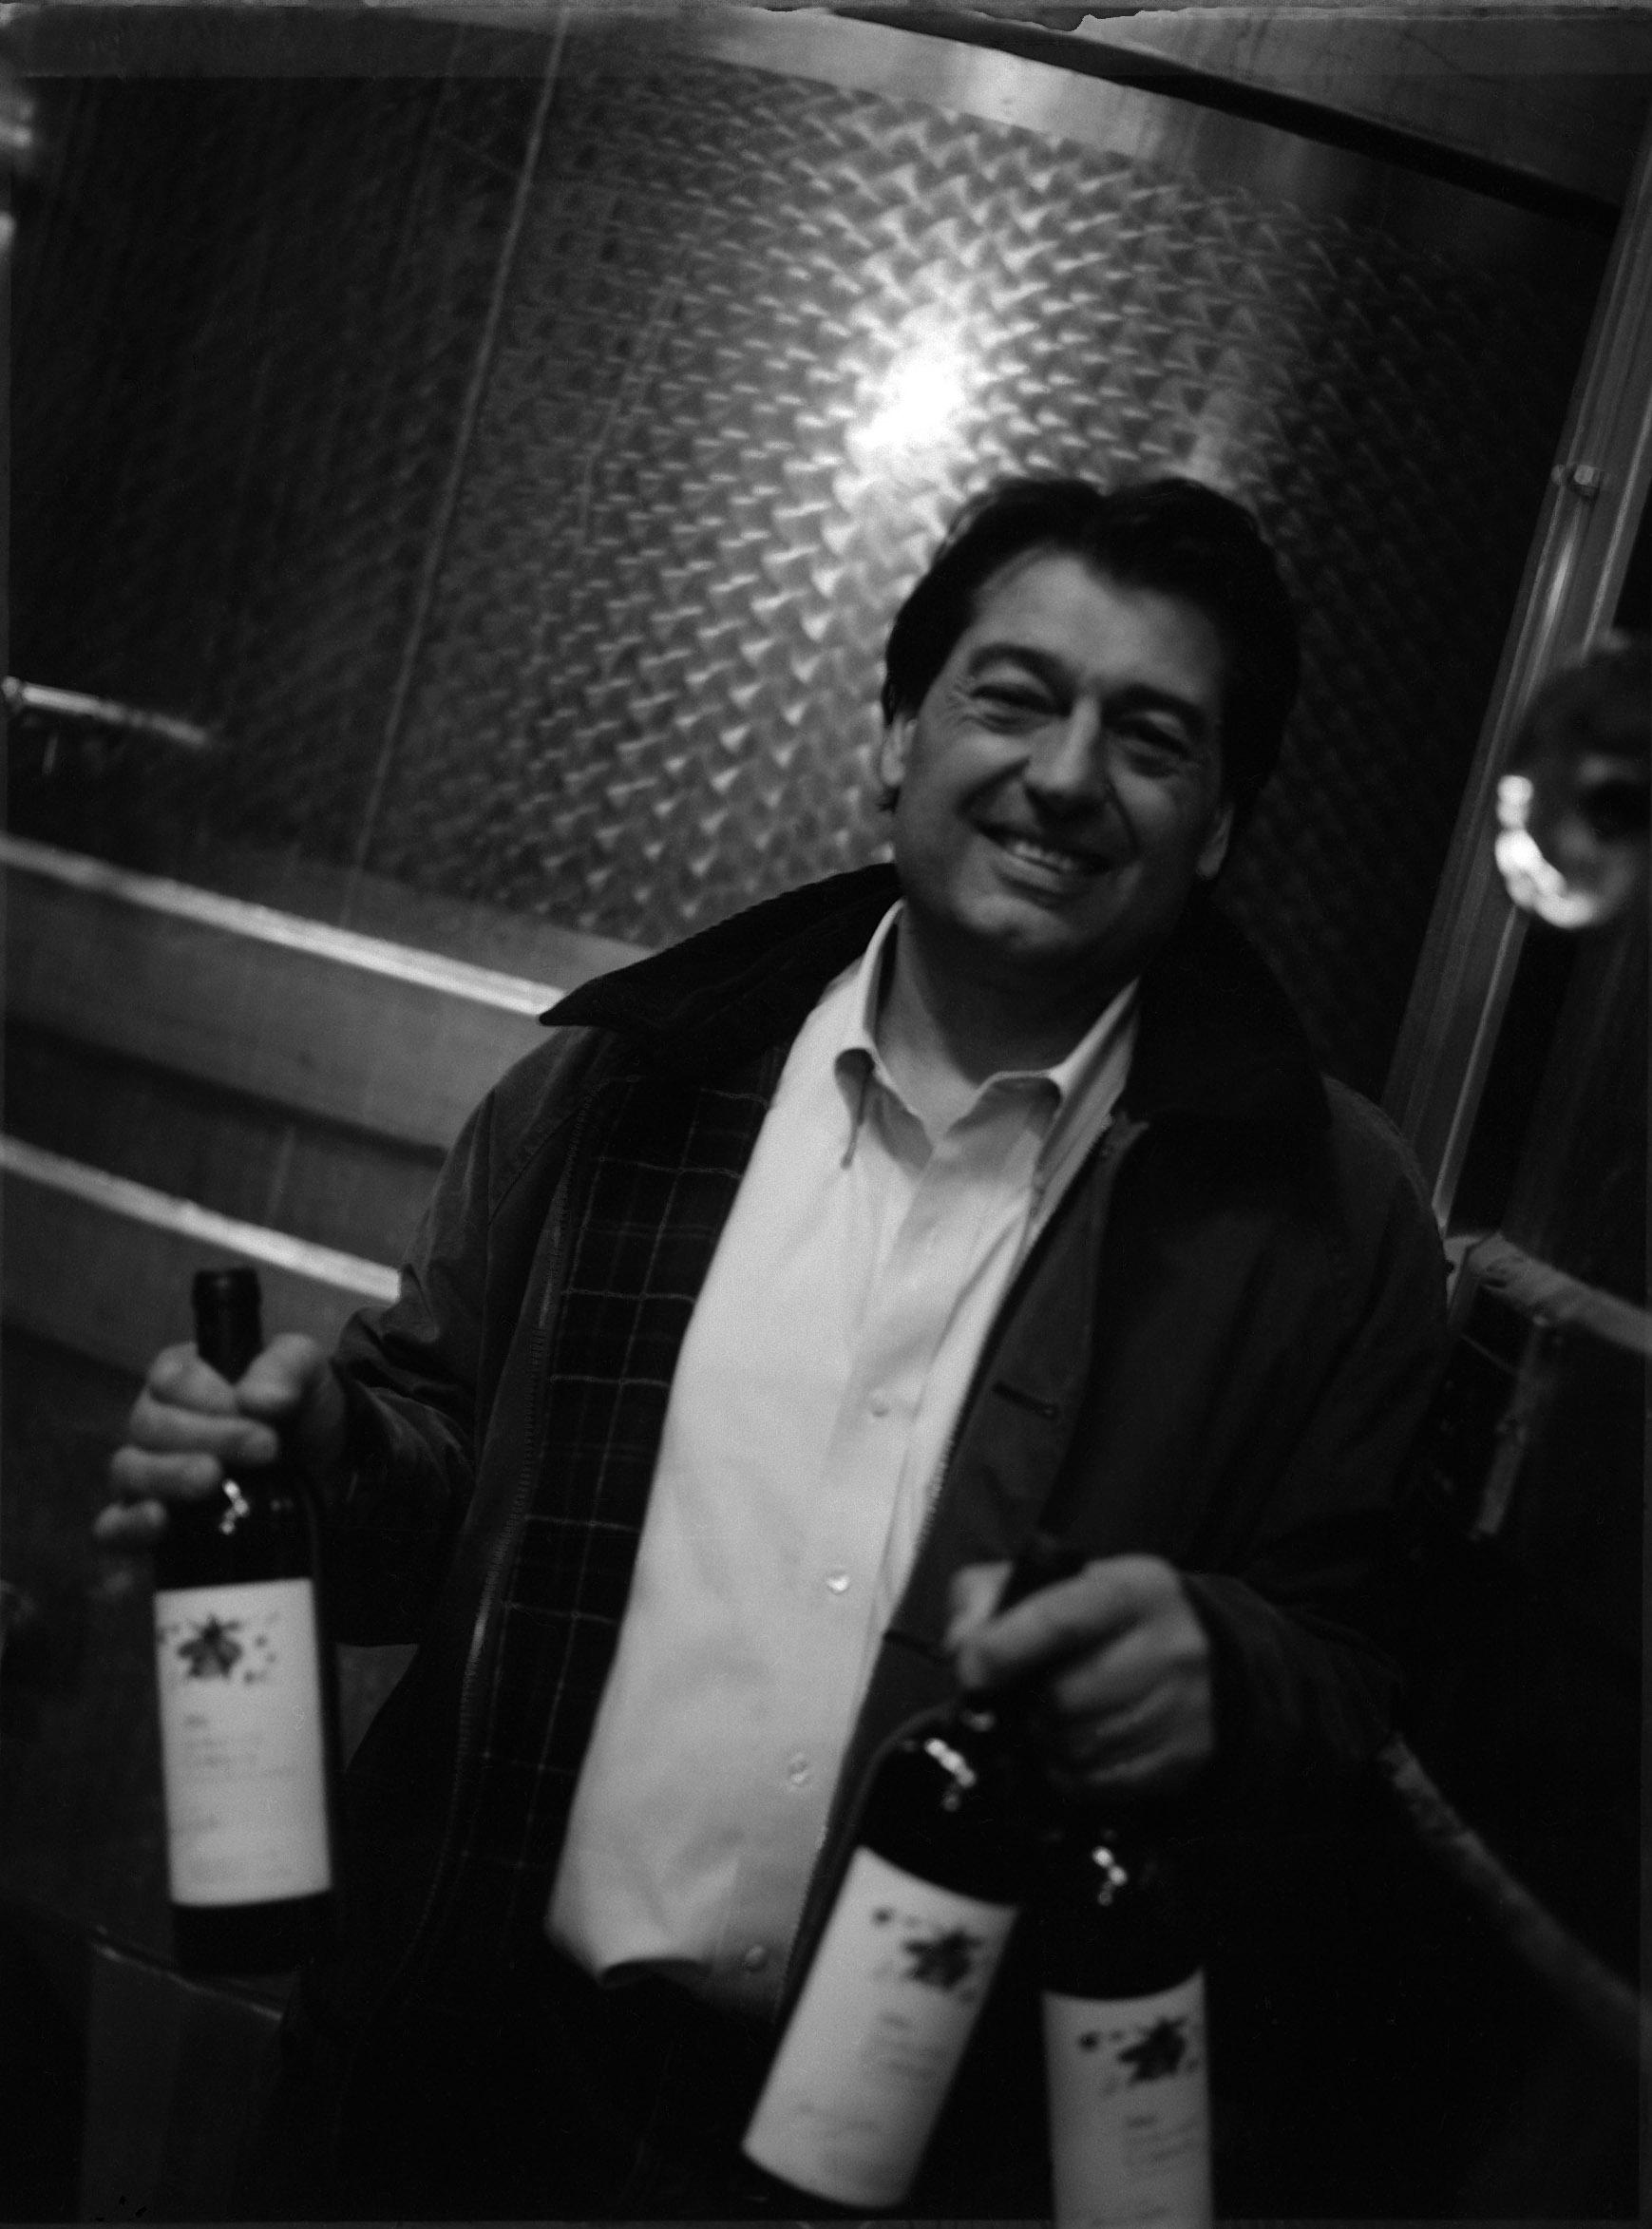 Adhérent VINS JEAN-LUC COLOMBO - photo #6548